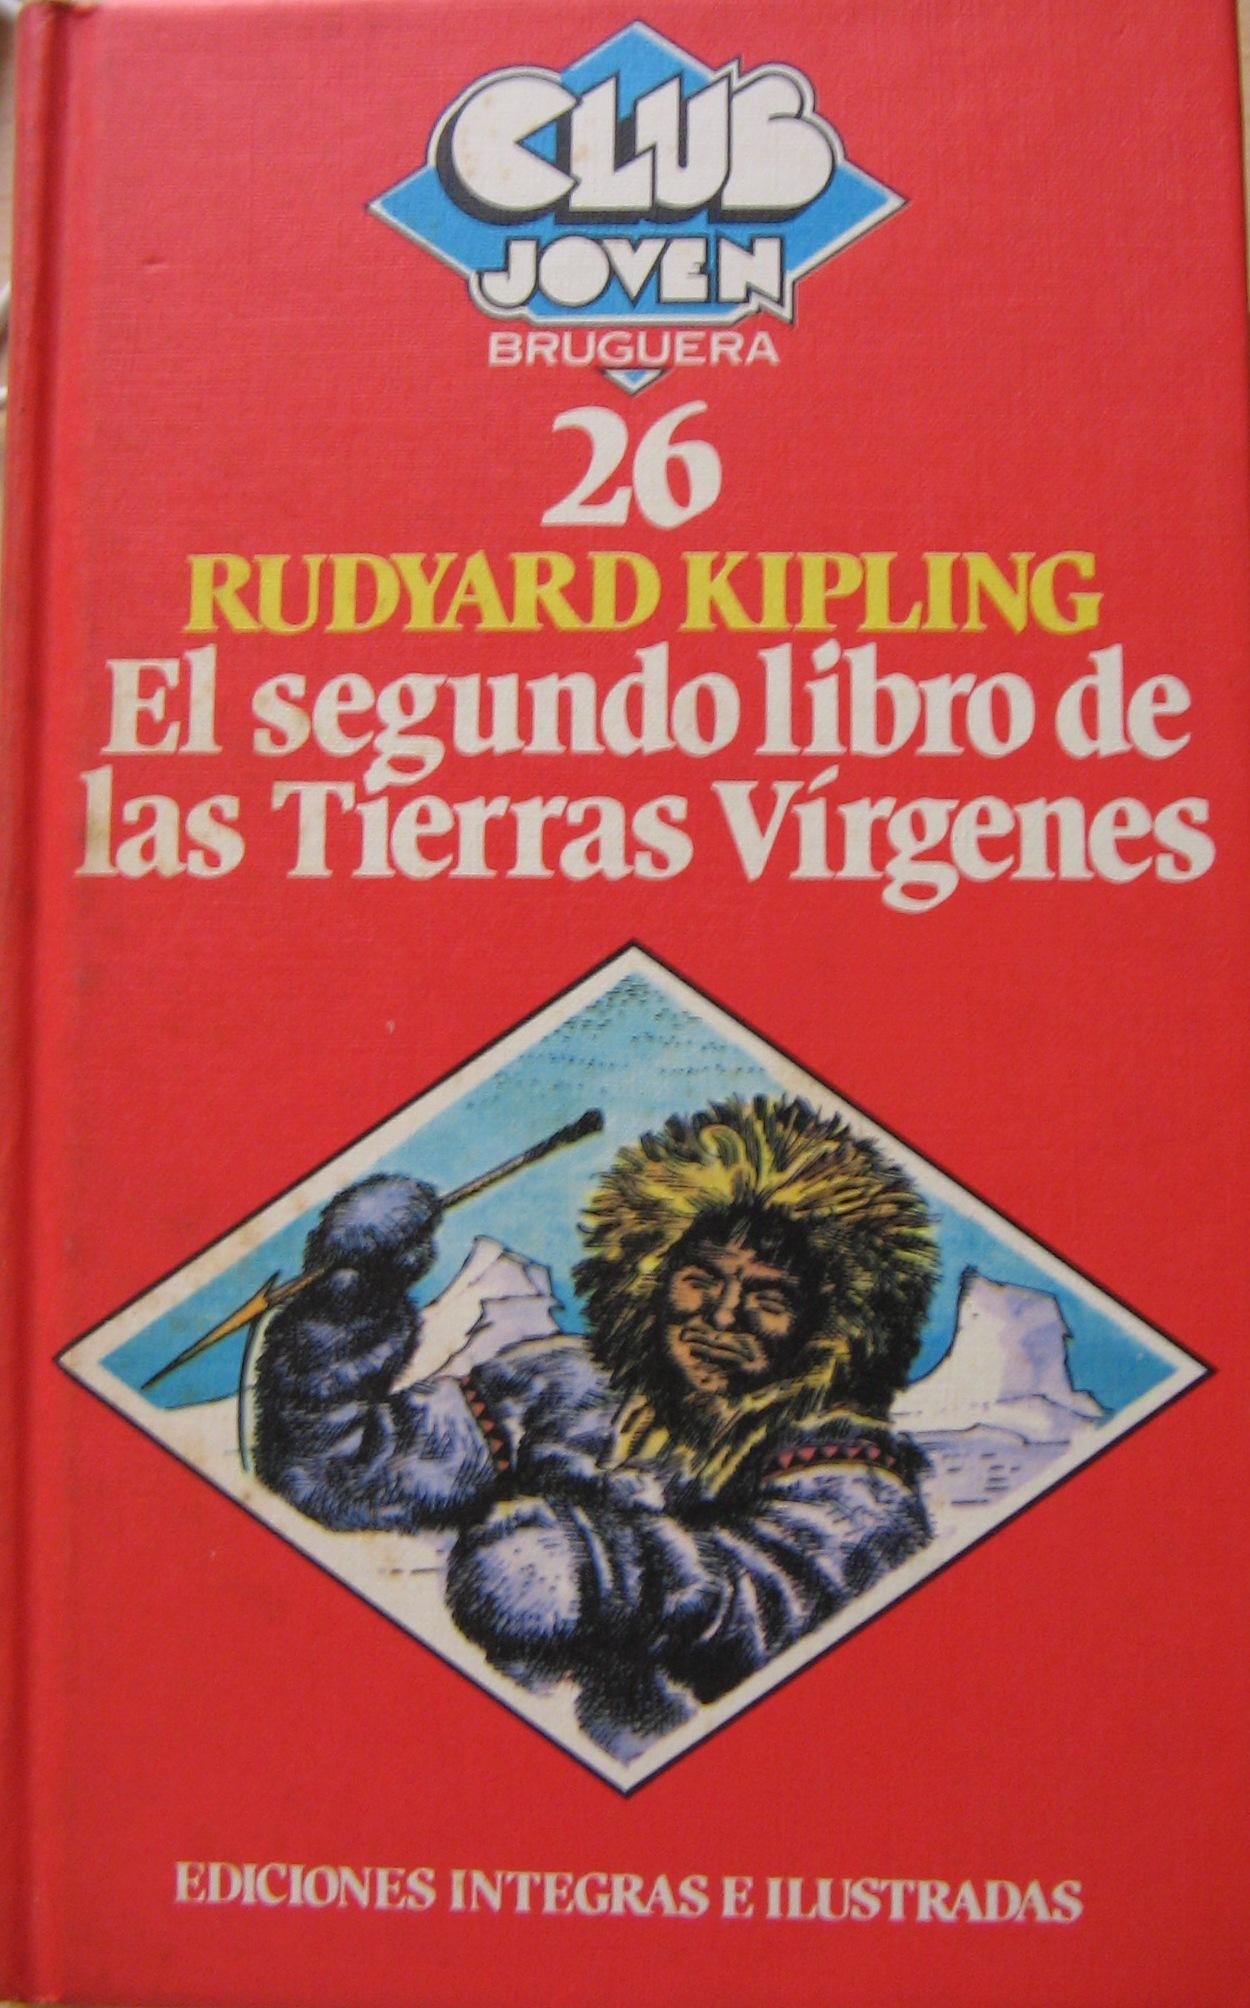 El segundo libro de las Tierras Vírgenes